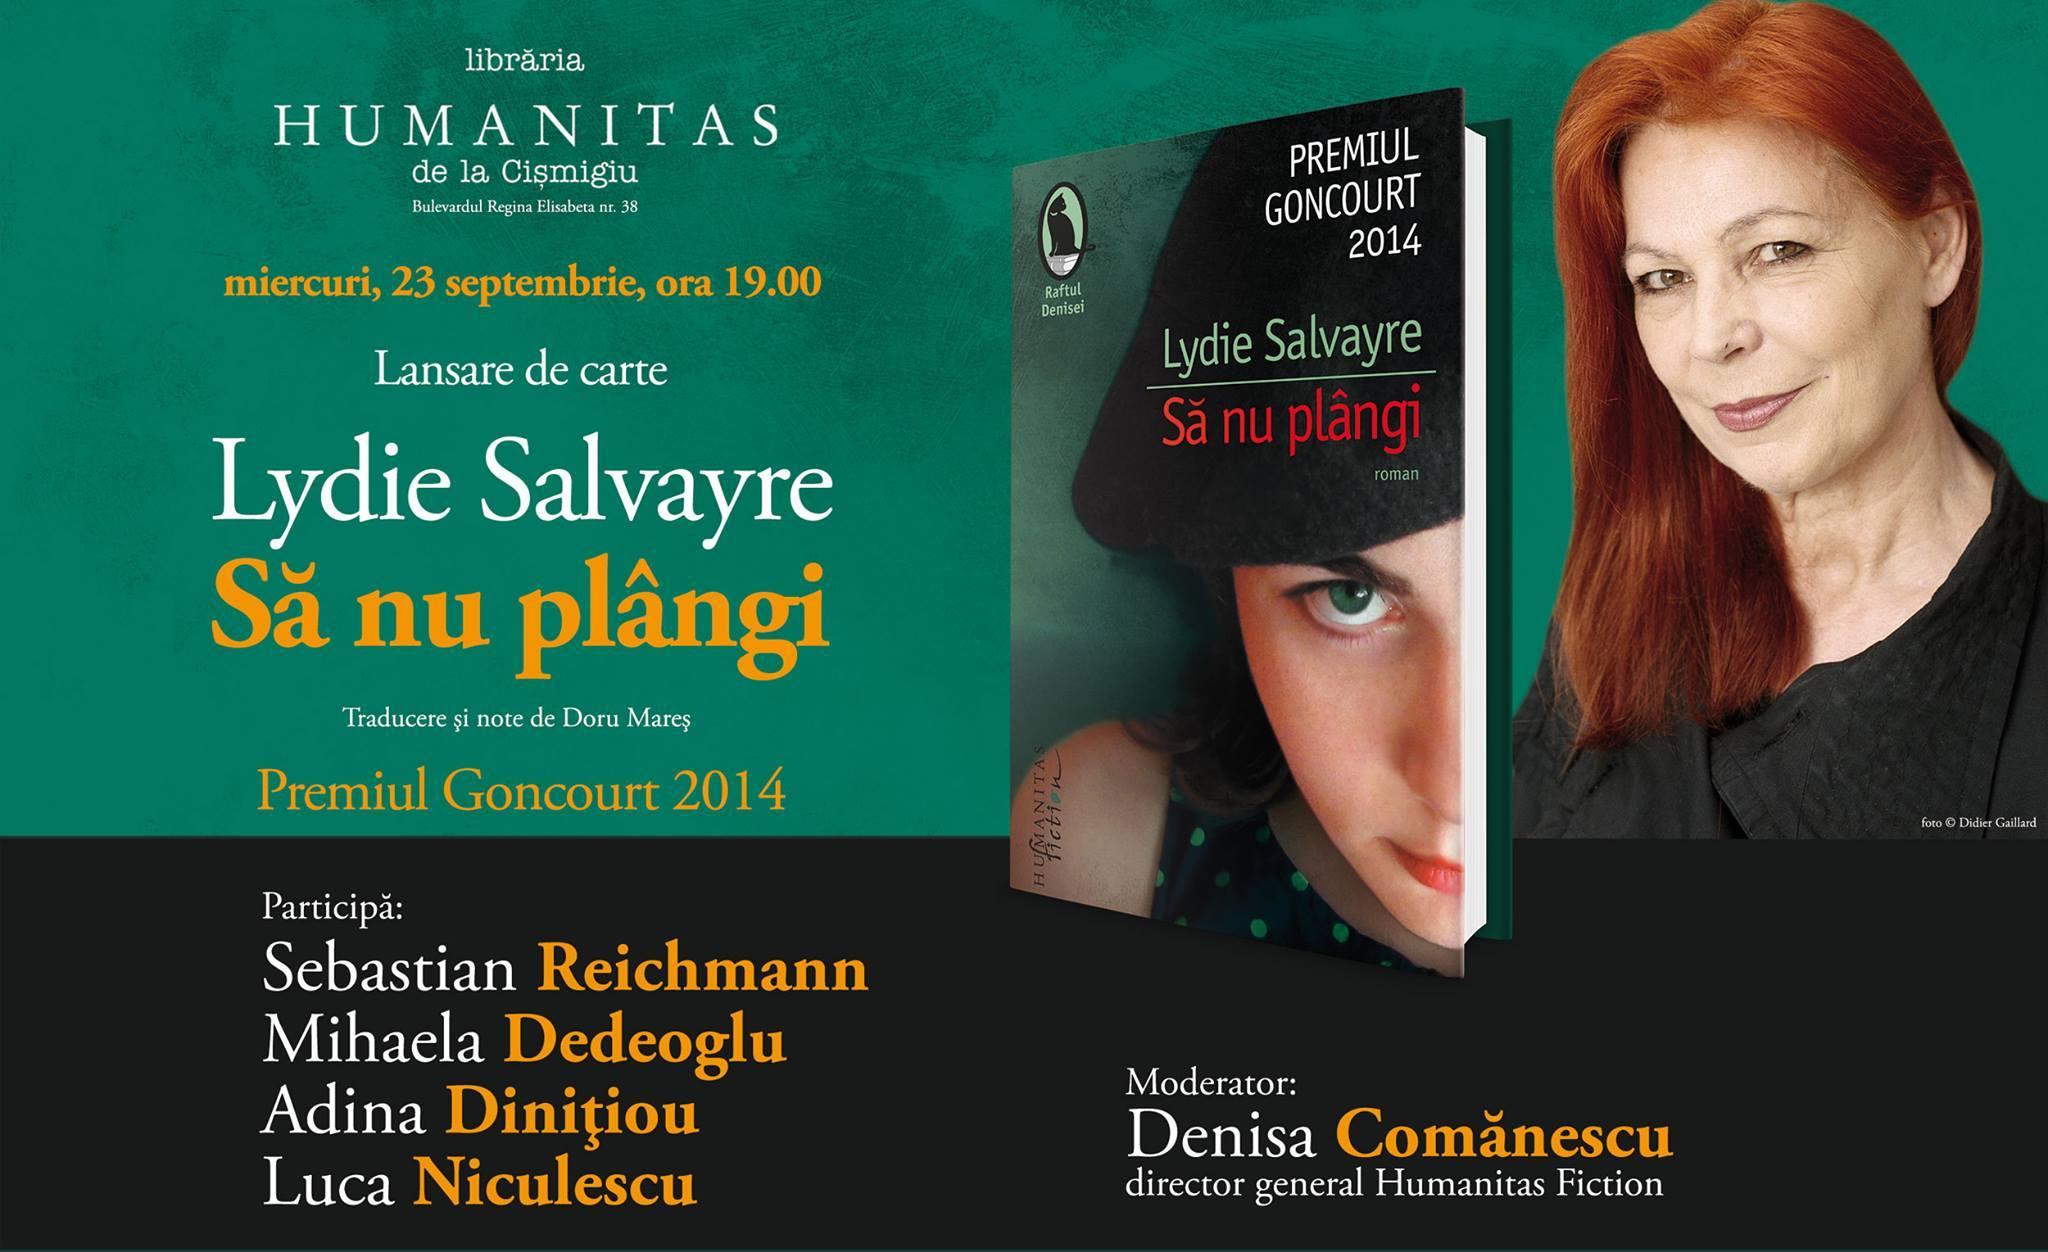 """Lansare de carte: Lydie Salvayre - """"Să nu plângi"""", premiul Goncourt 2014"""